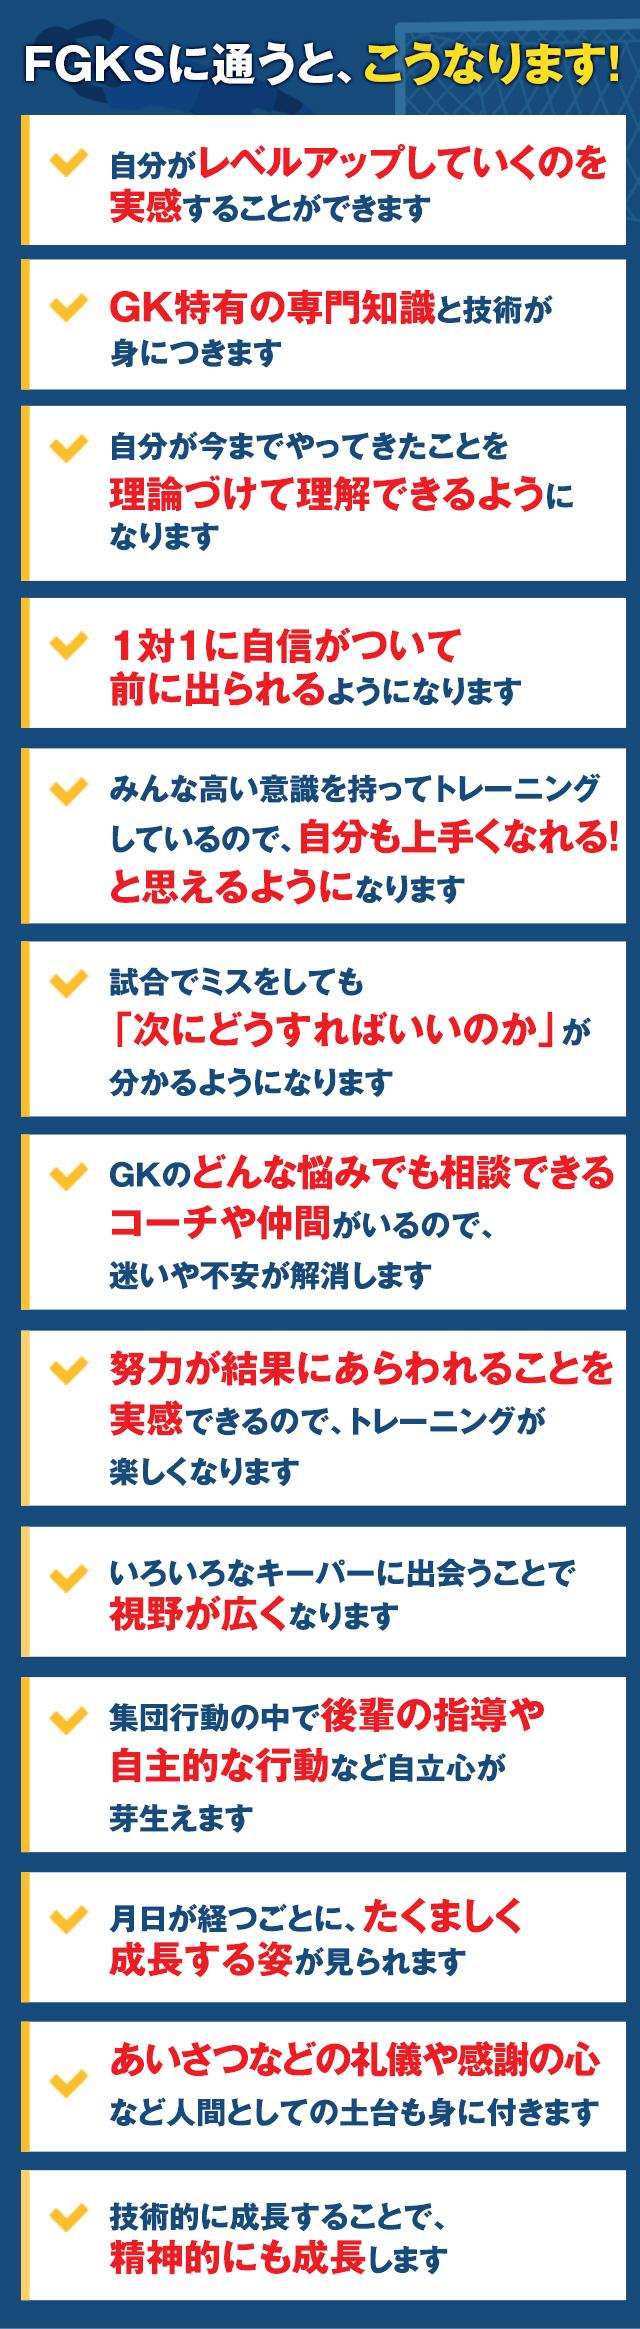 福岡ゴールキーパースクール|FGKSに通うと、こうなります。